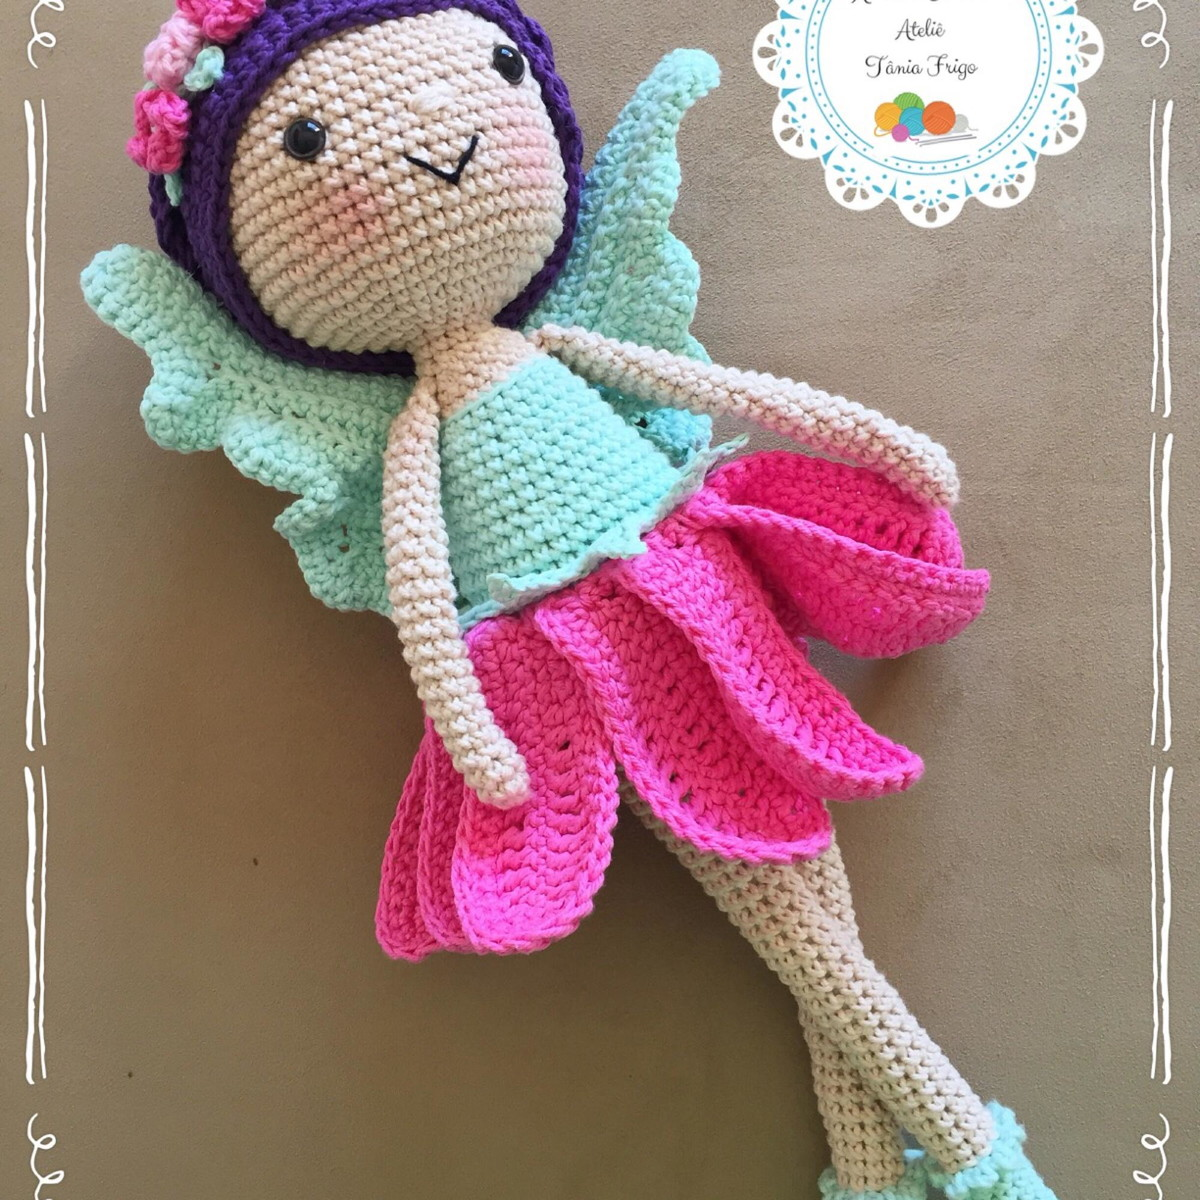 Boneca amigurumi/ boneca crochê (Angela) | Bonecas de crochê ... | 1200x1200